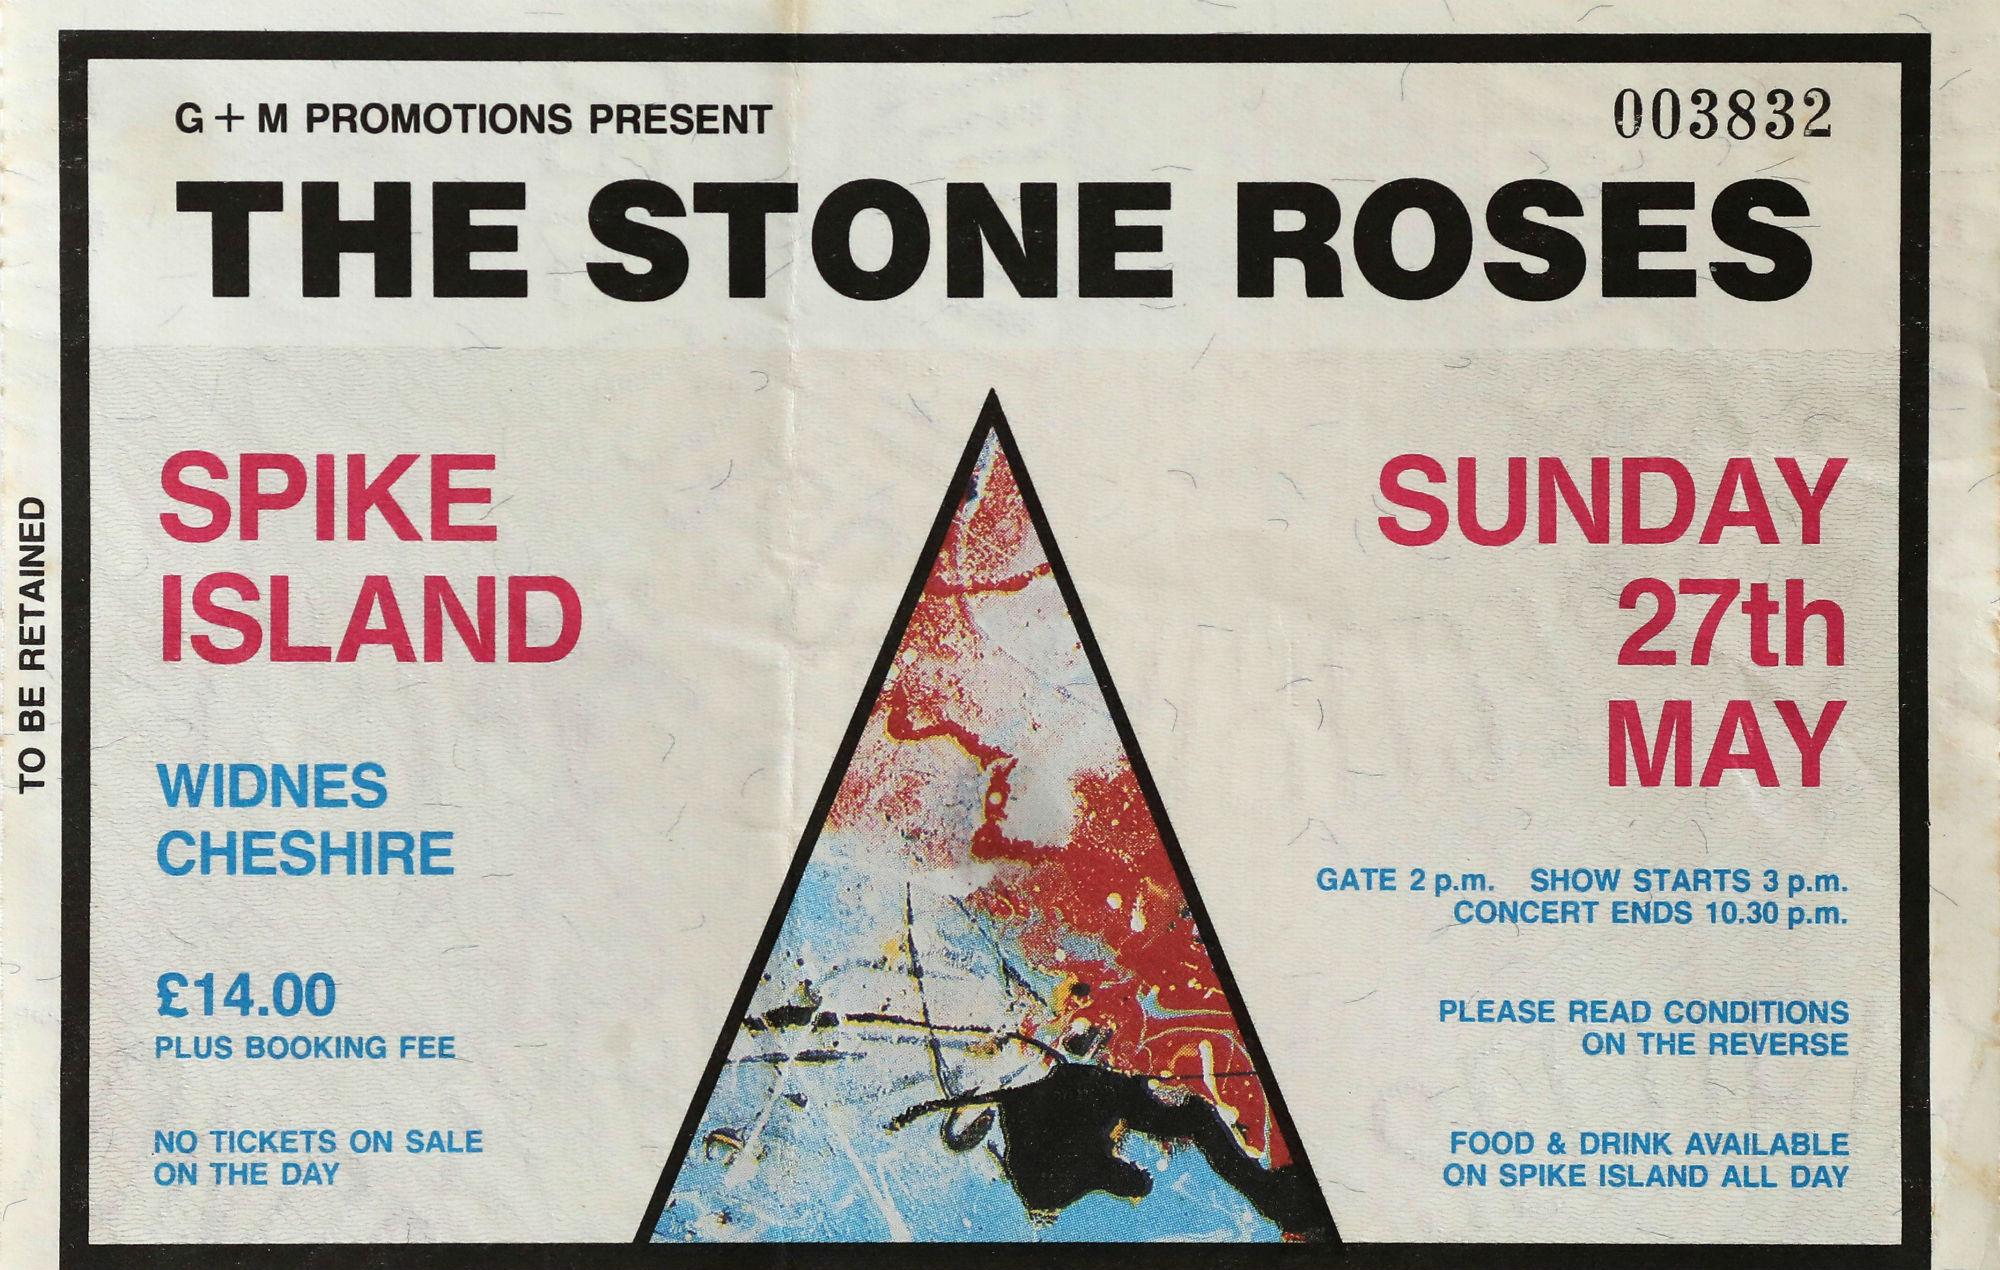 Spike Island Stone Roses